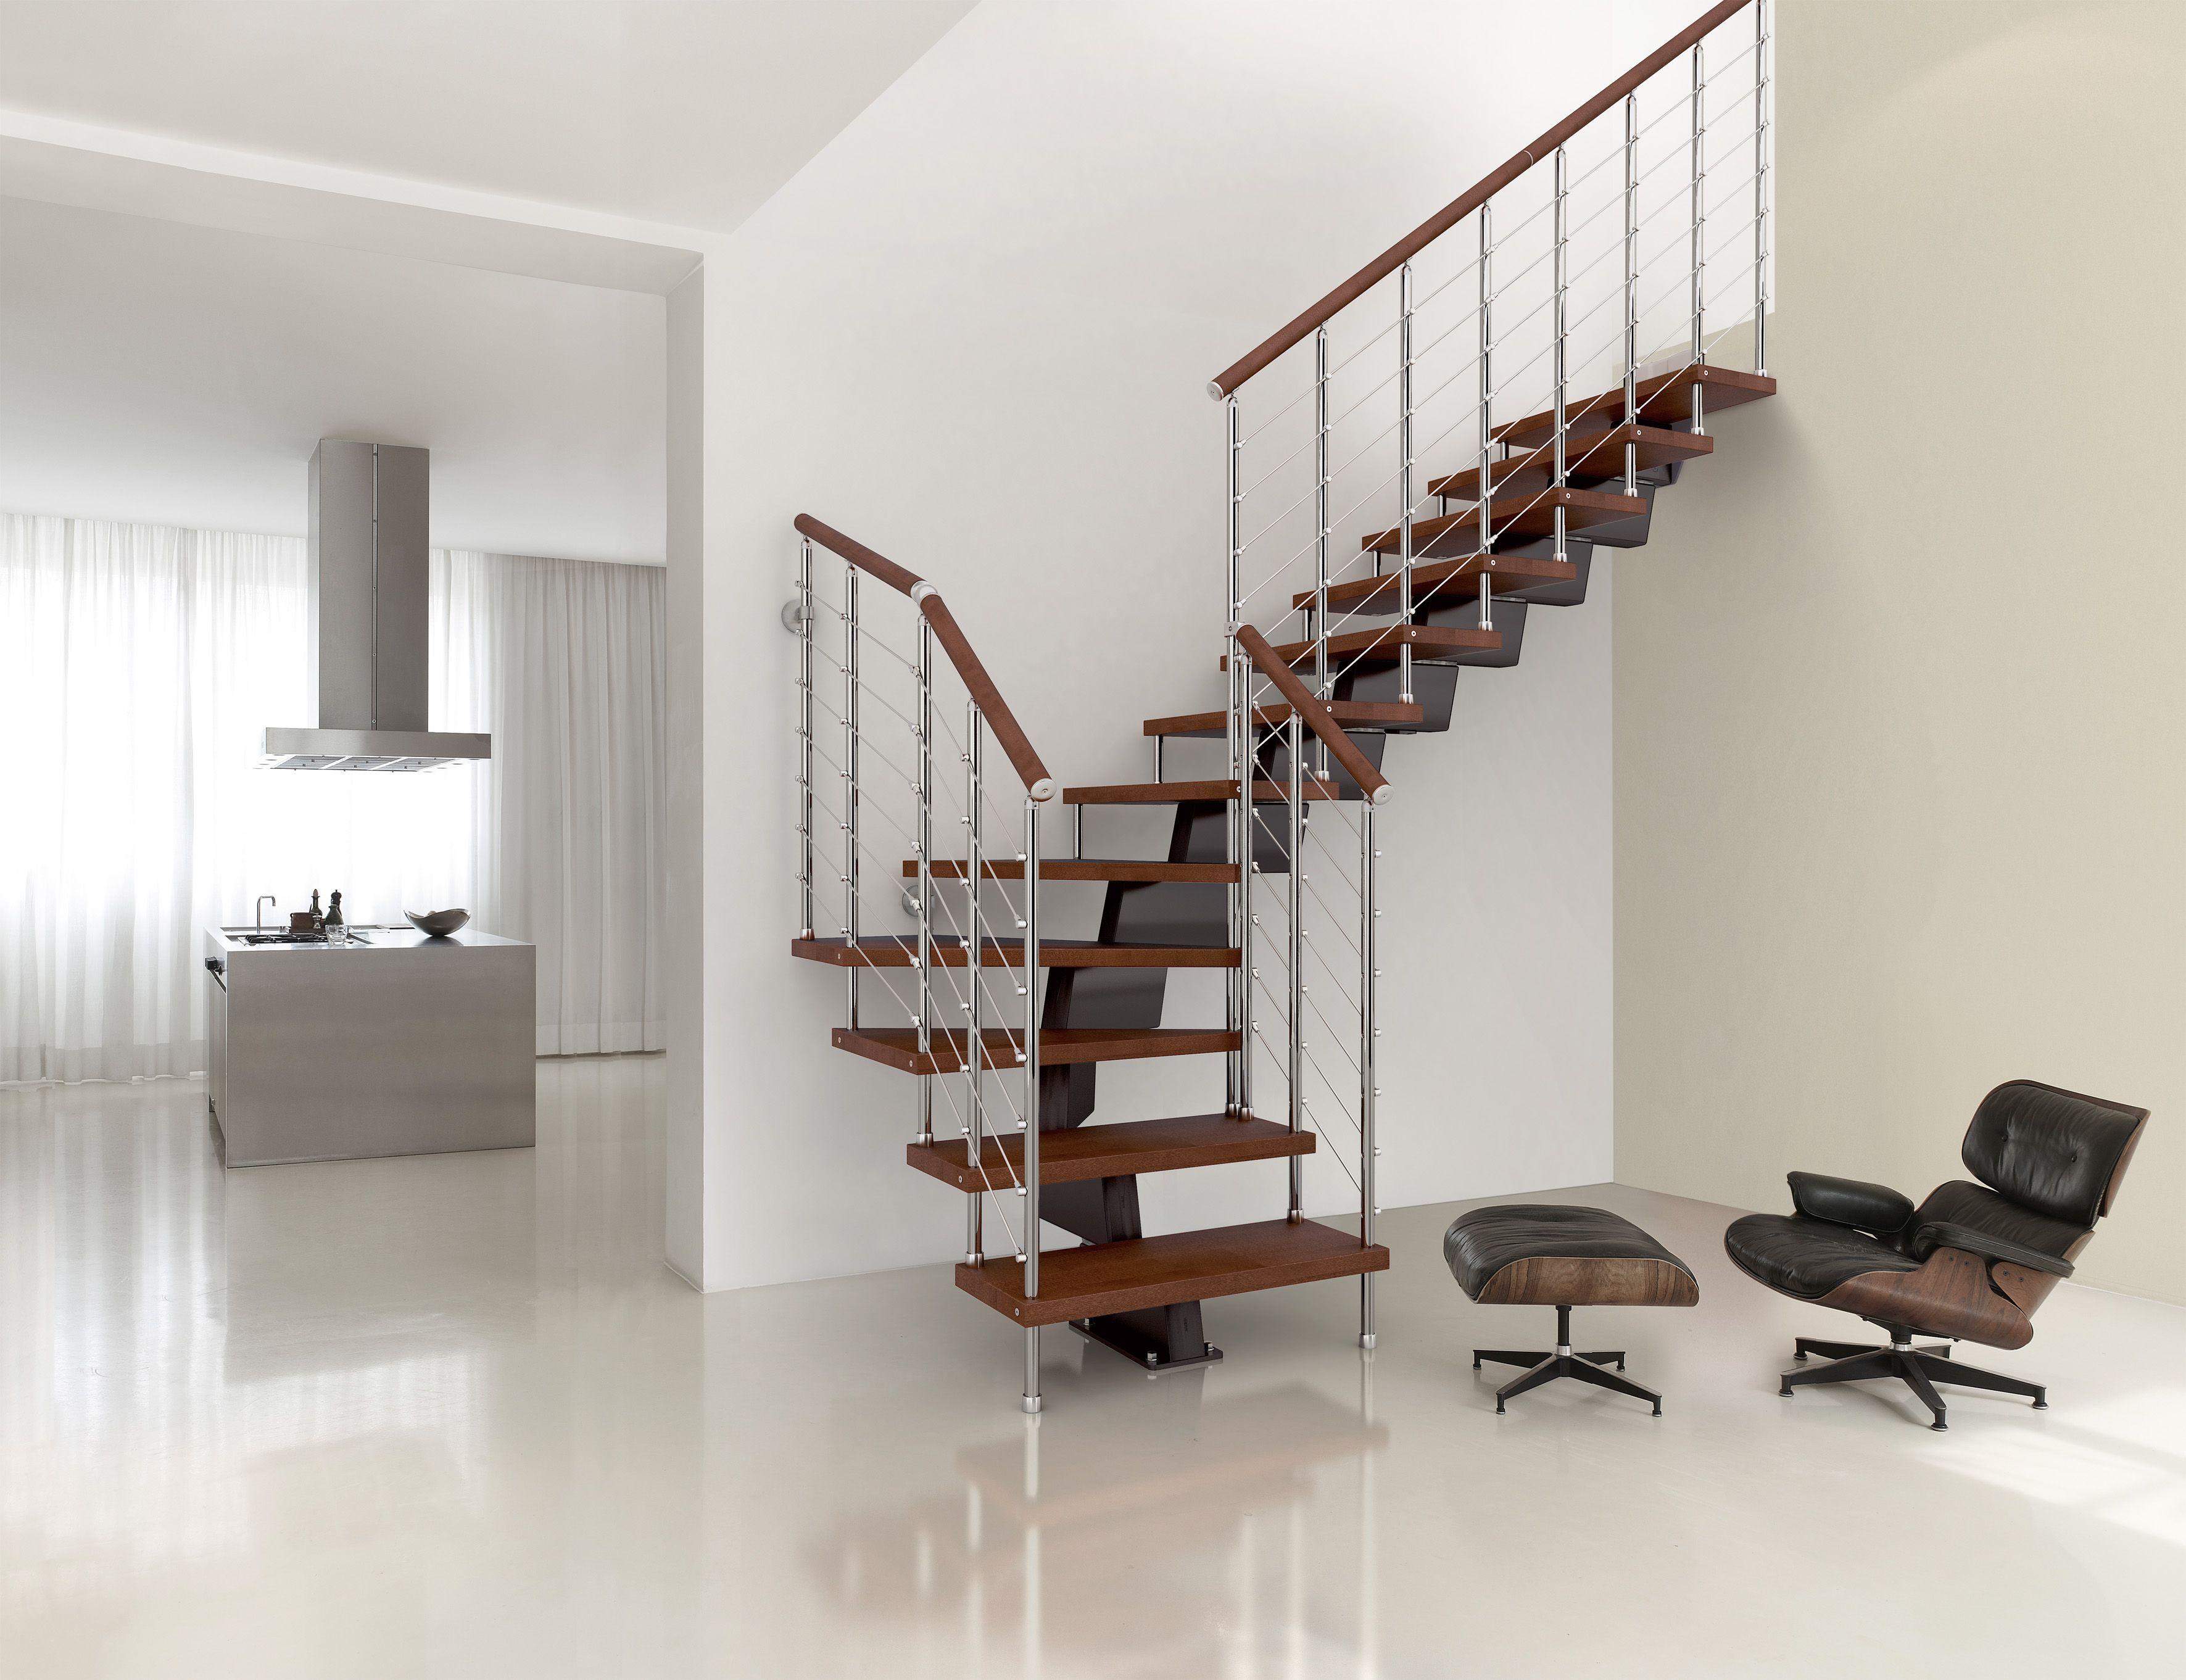 Tout L Univers De L Escalier Est Chez L Echelle Europeenne Escaleras Modernas Diseno De Escalera Escaleras